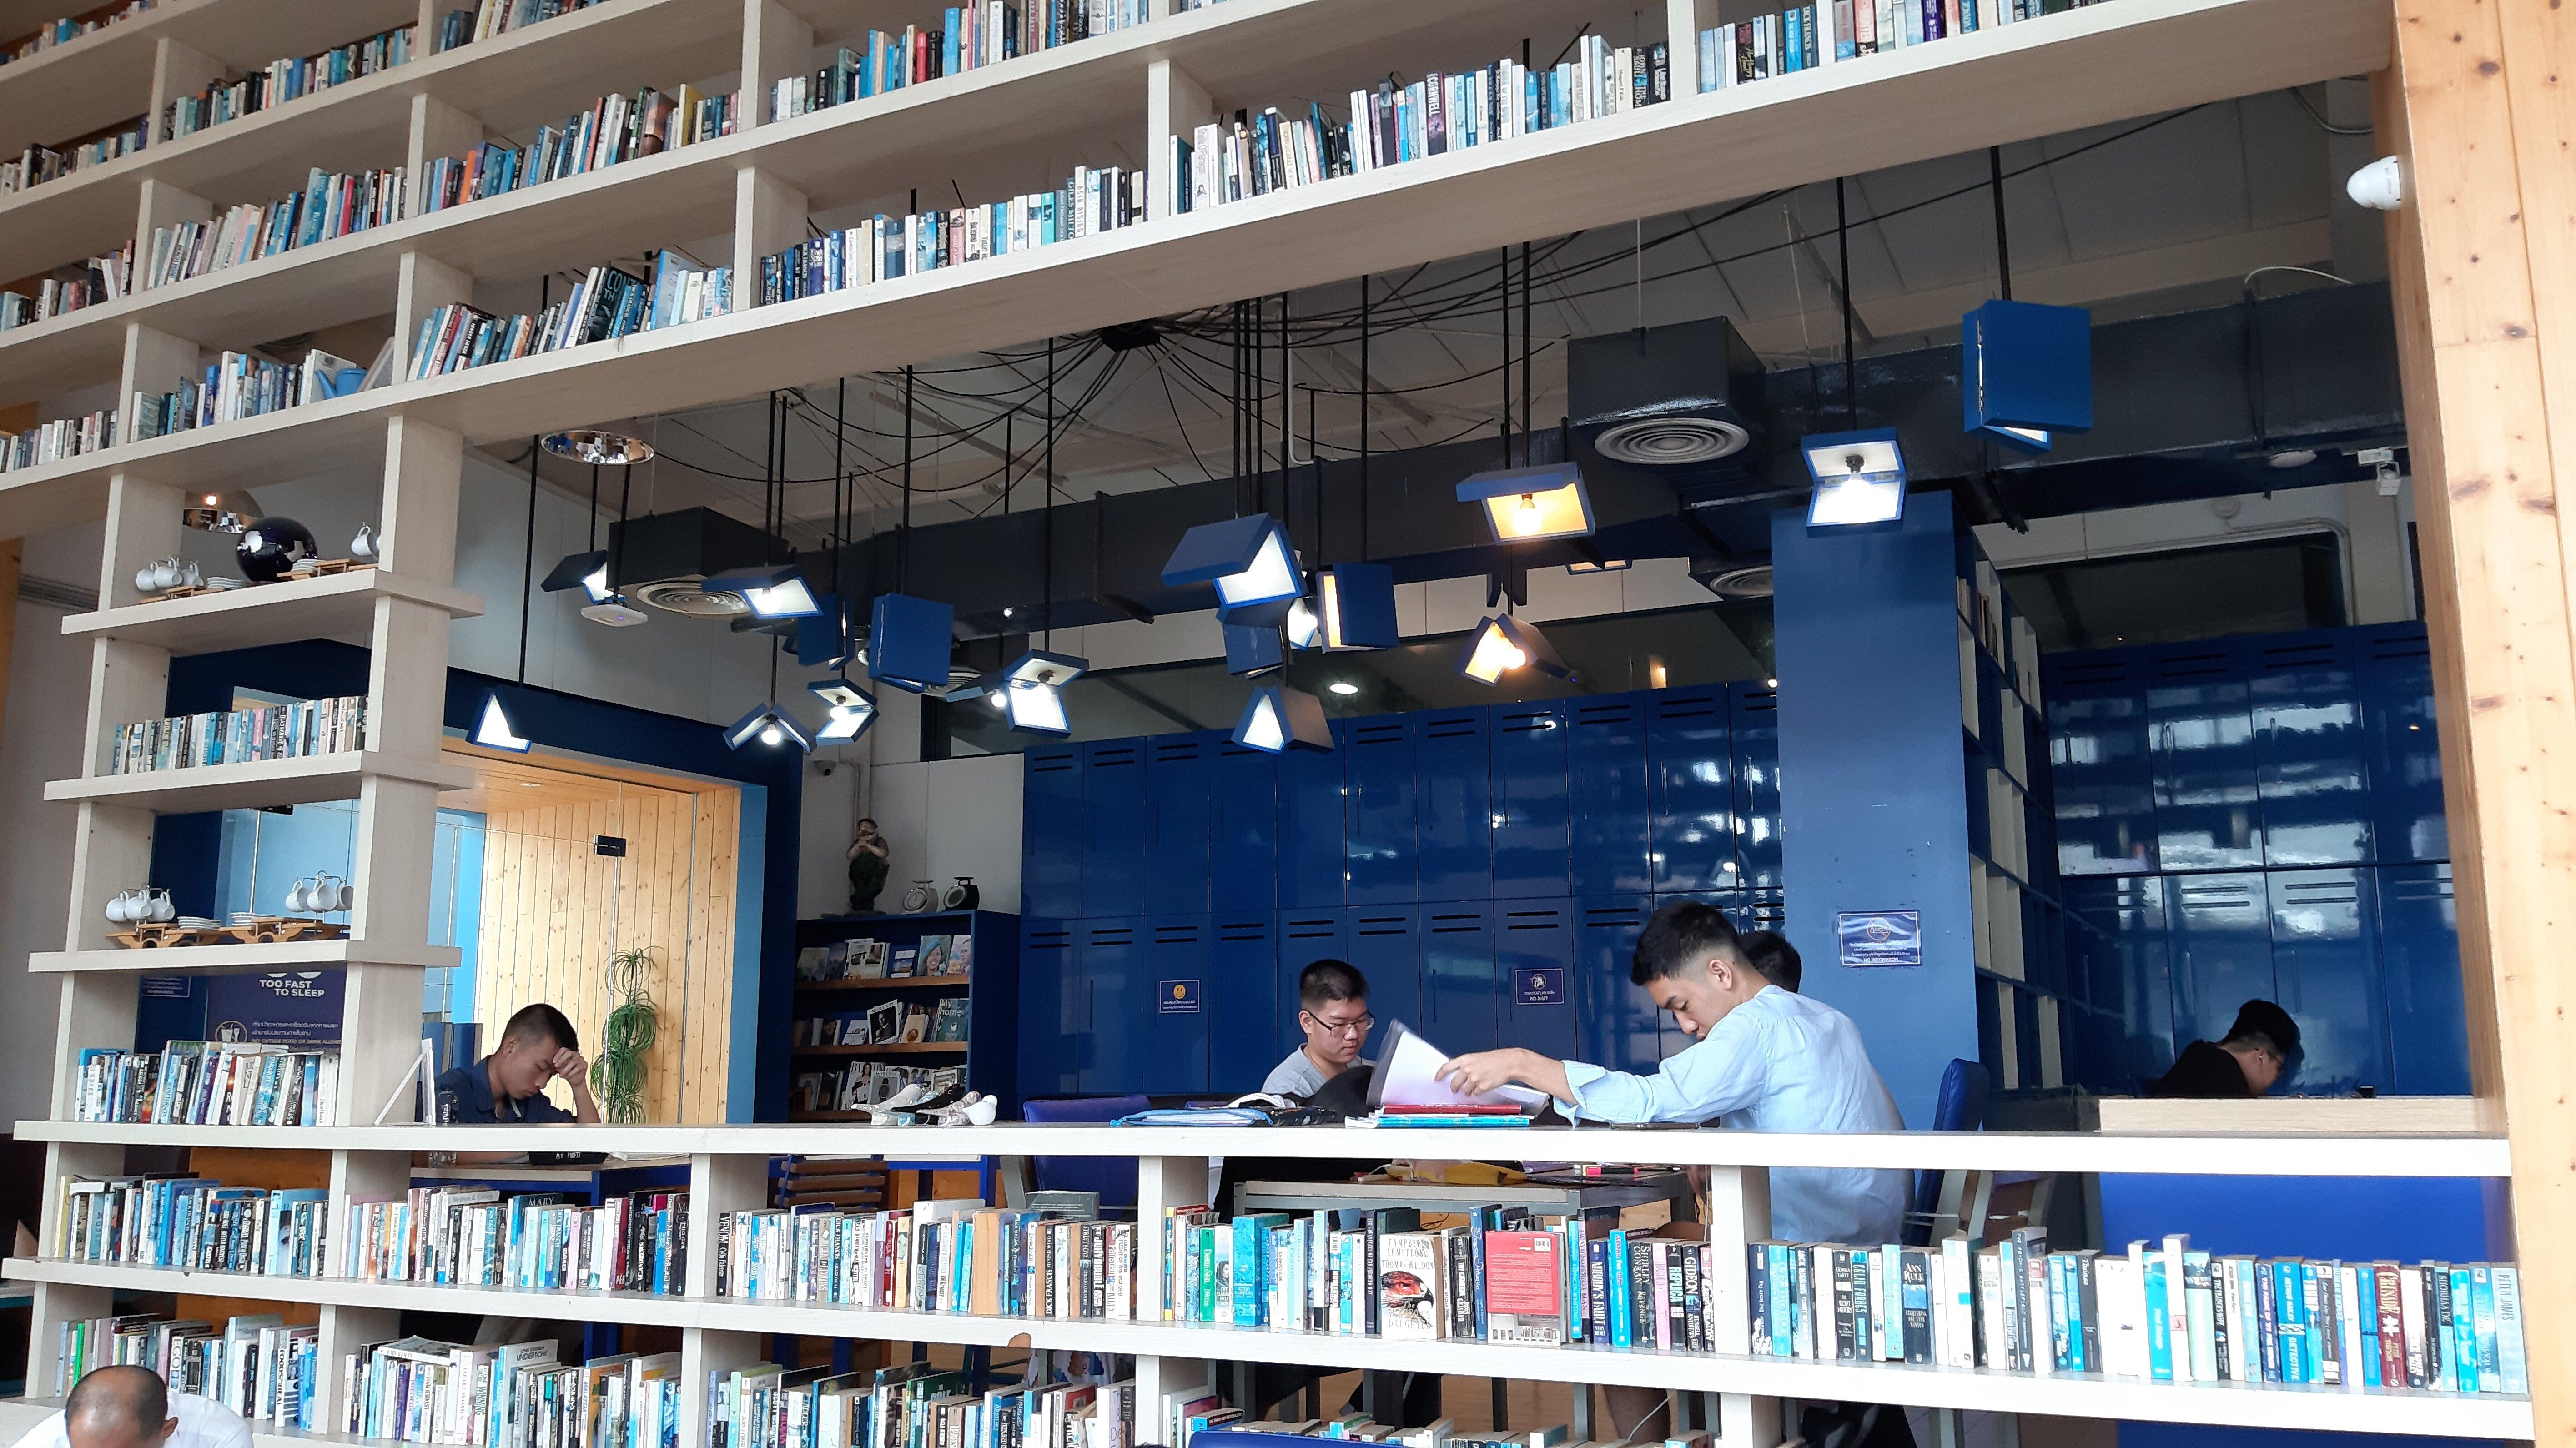 Books and lights-shaped-like-books.